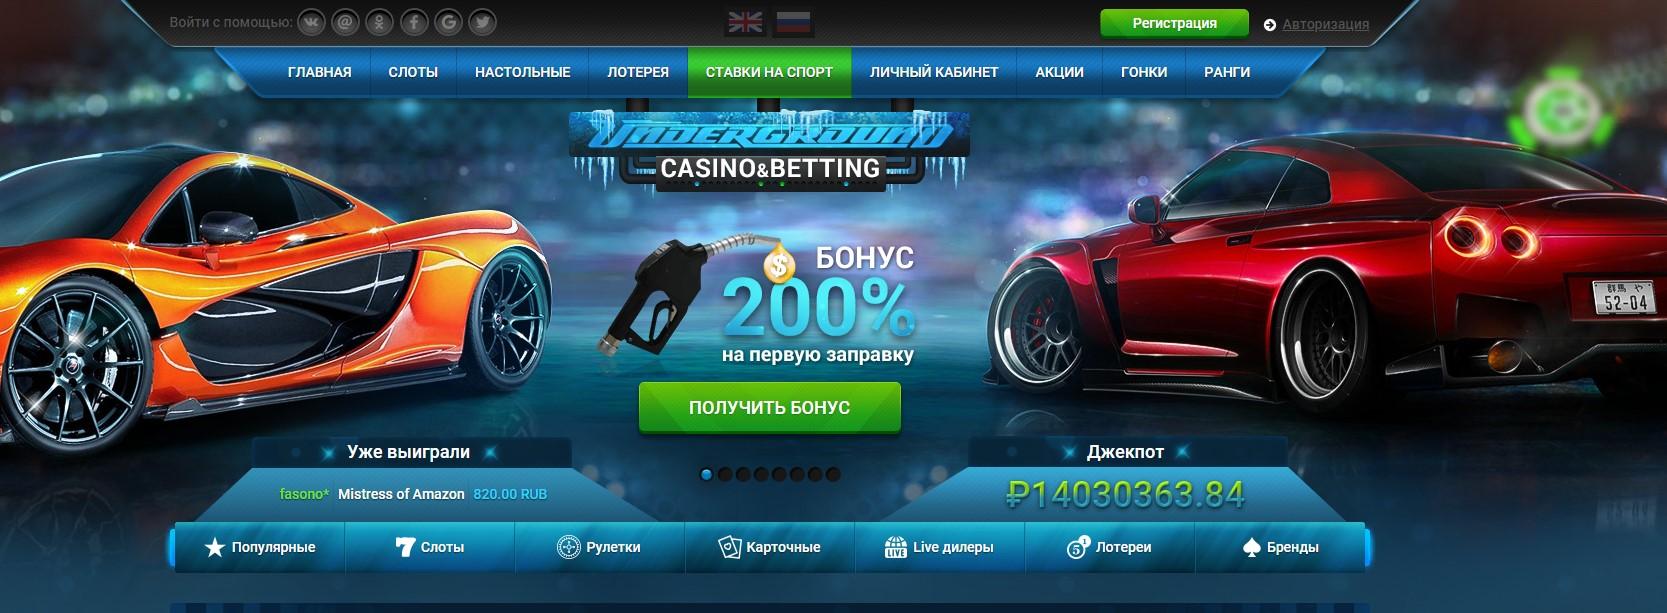 Underground Casino - Официальный сайт